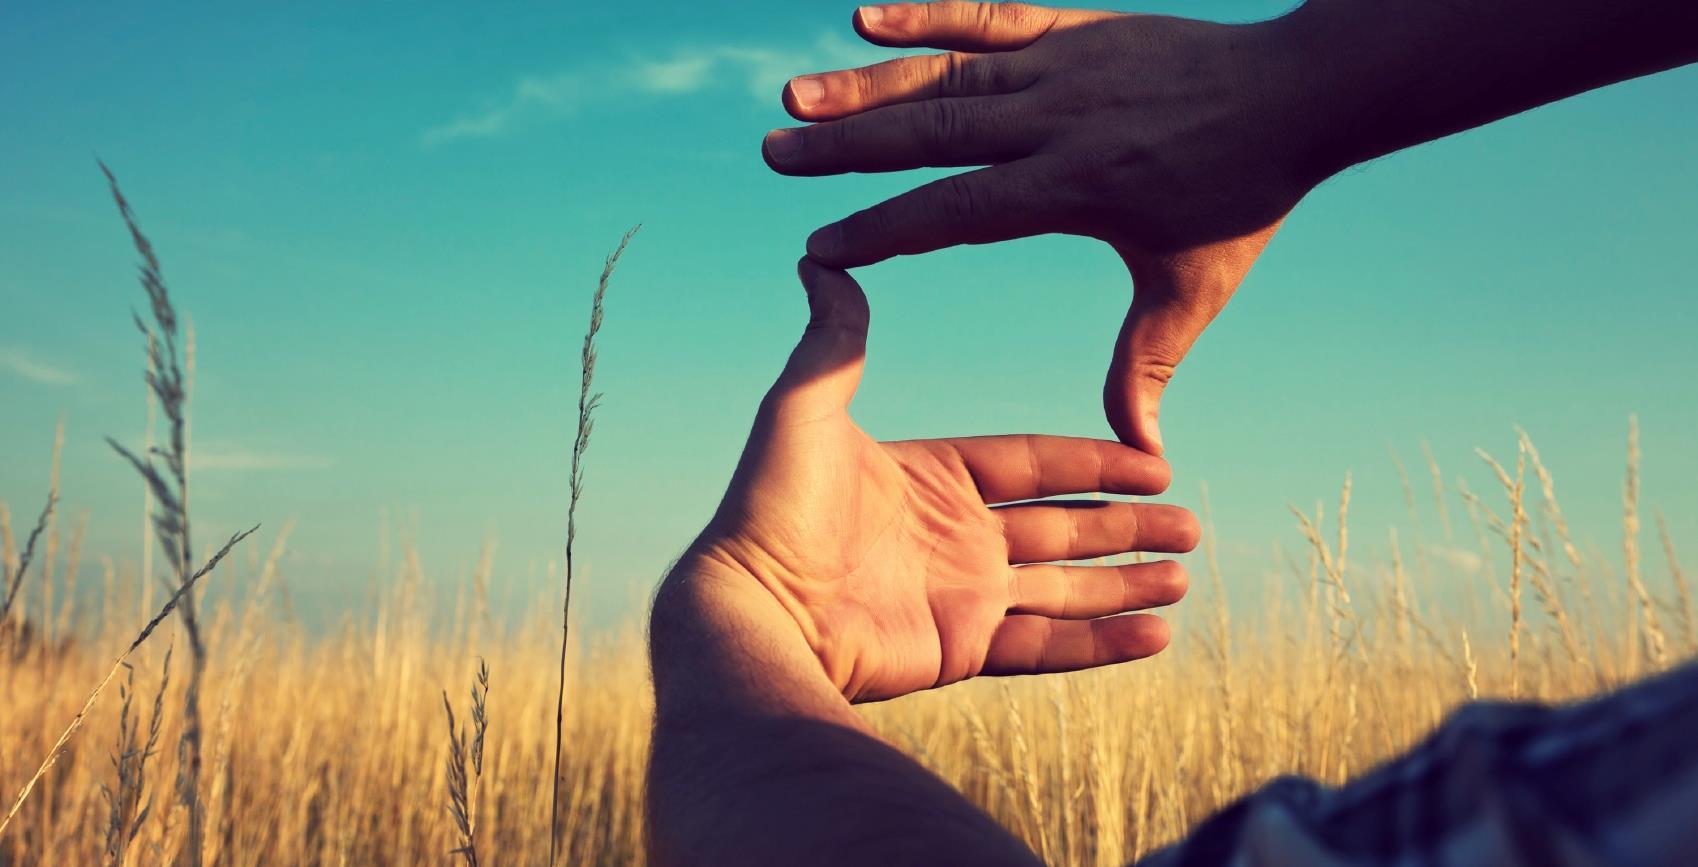 beltane business boost wilde ondernemer kayleigh smith 3 mei 2019 locatie lokatie driebergen vrouw ondernemen entrepeneur women wild woman intuitie wildeman ritueel beltaine